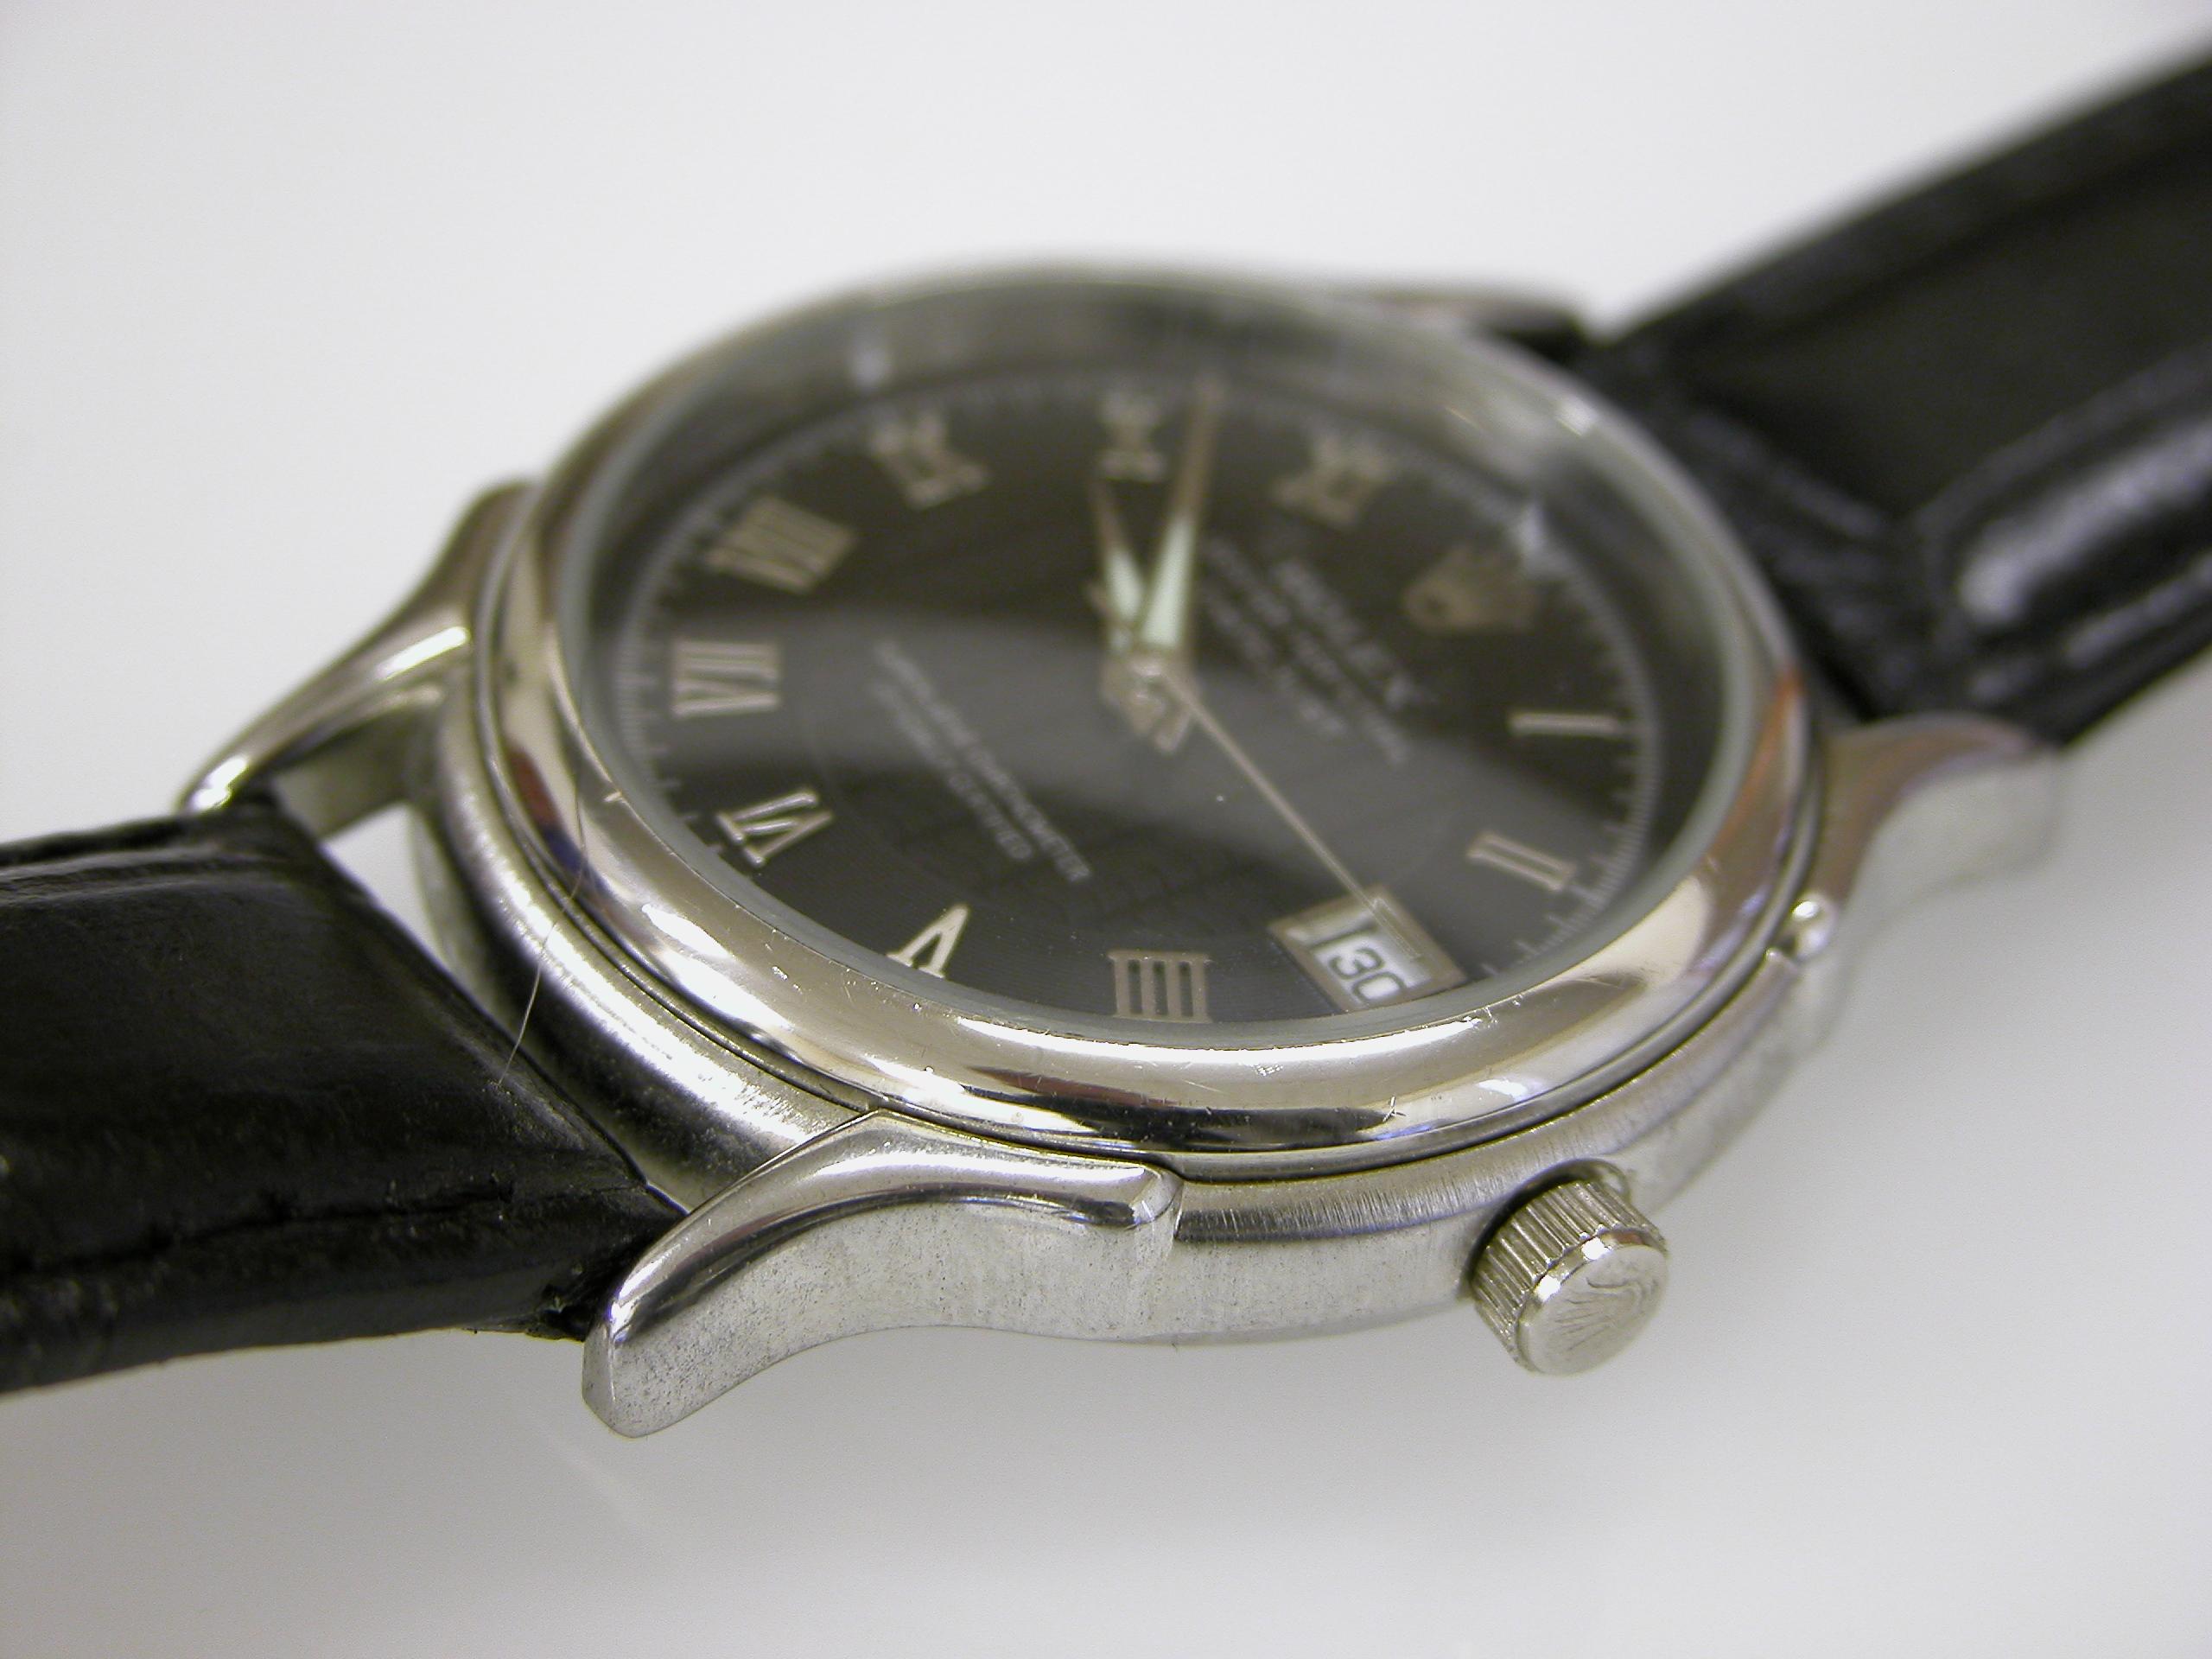 objects watch wristwatch time